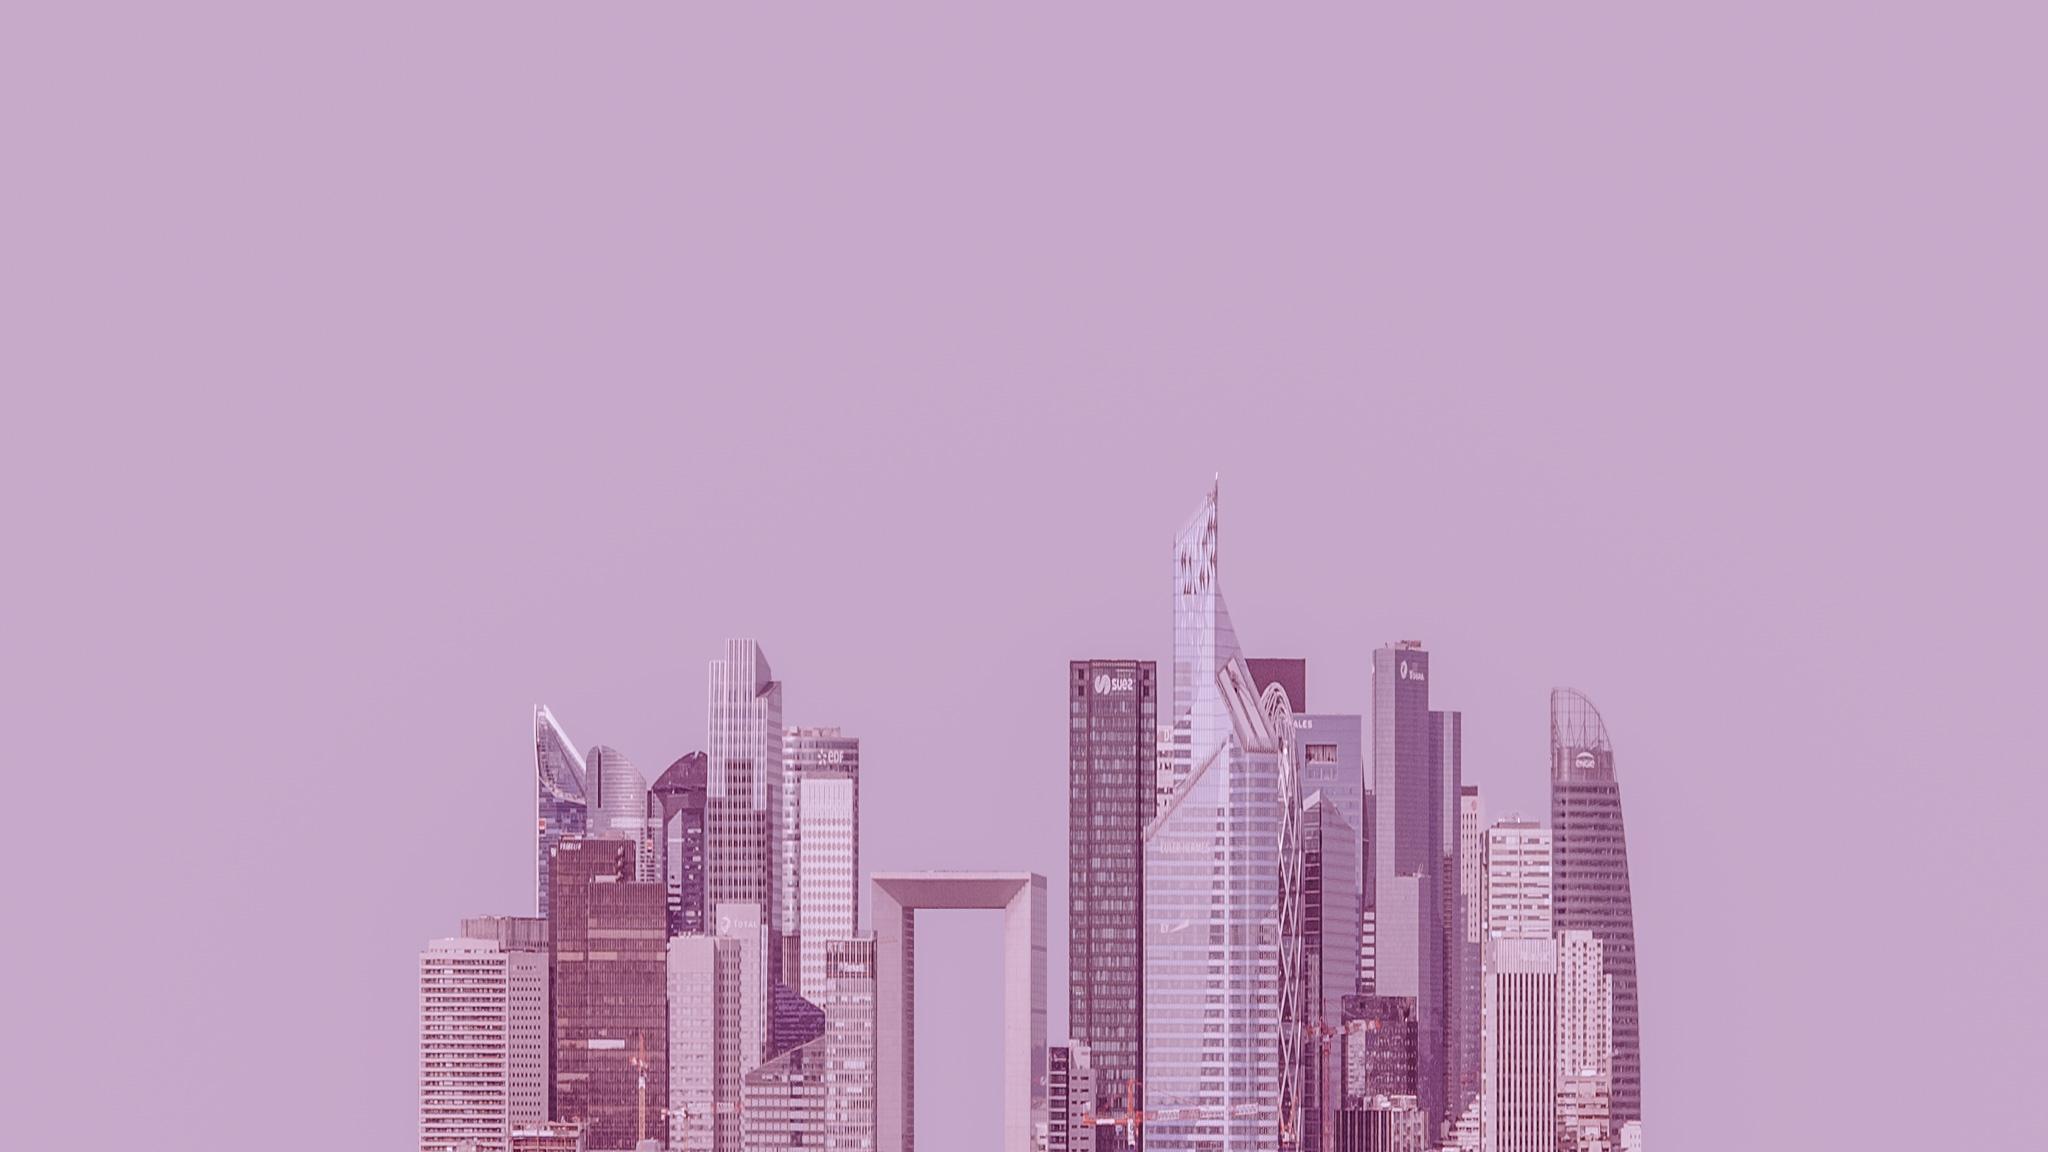 minimalPARIS - La Défense - zaiczdomokos.com